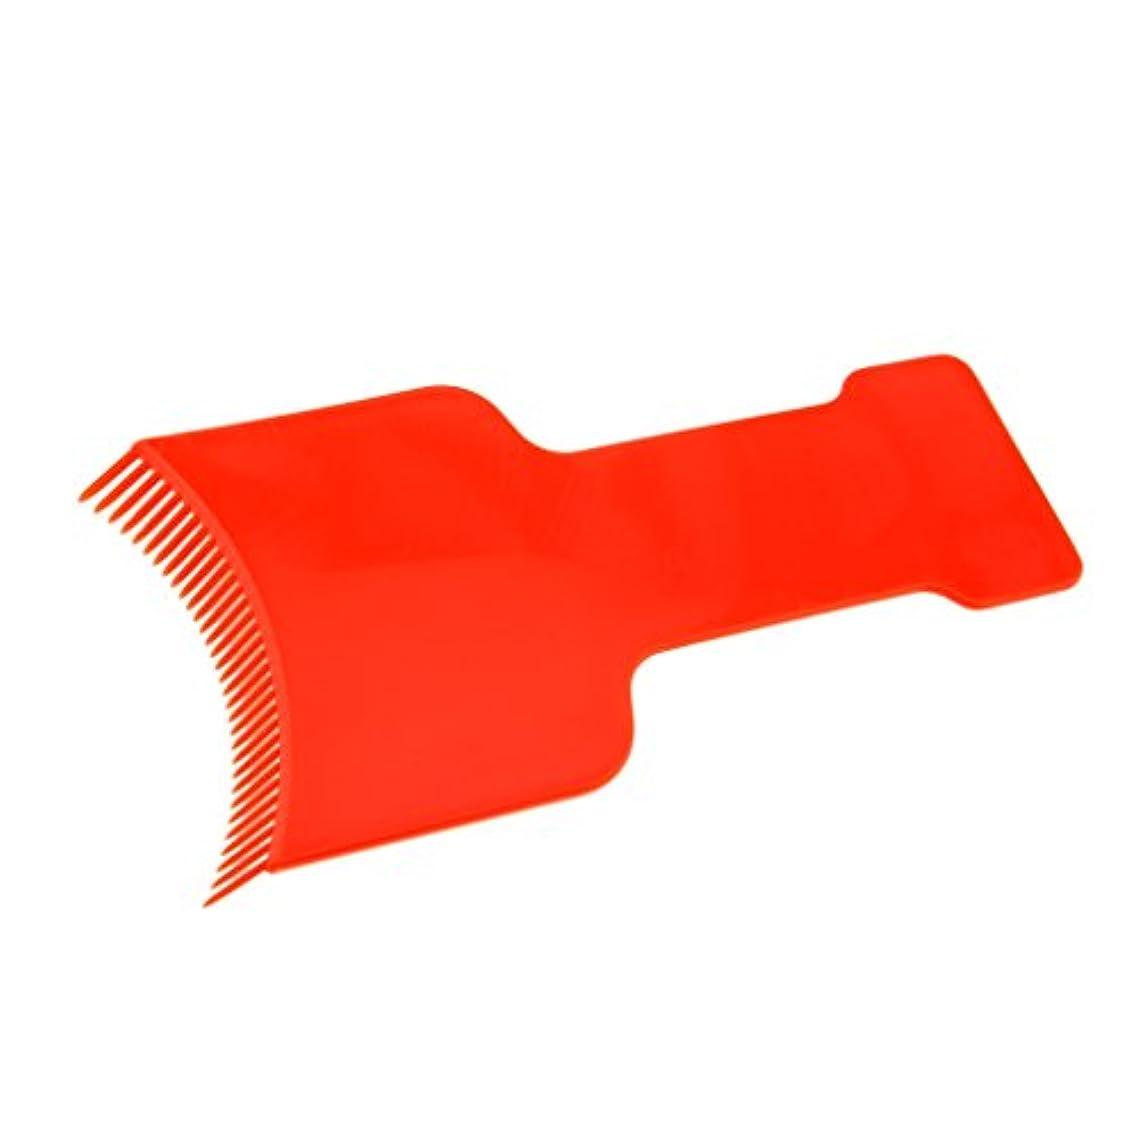 たまに対応する無数のDYNWAVE 染色ボード 染色櫛 プレート ヘアダイコーム ヘアダイブラシ ヘアカラーリング用品